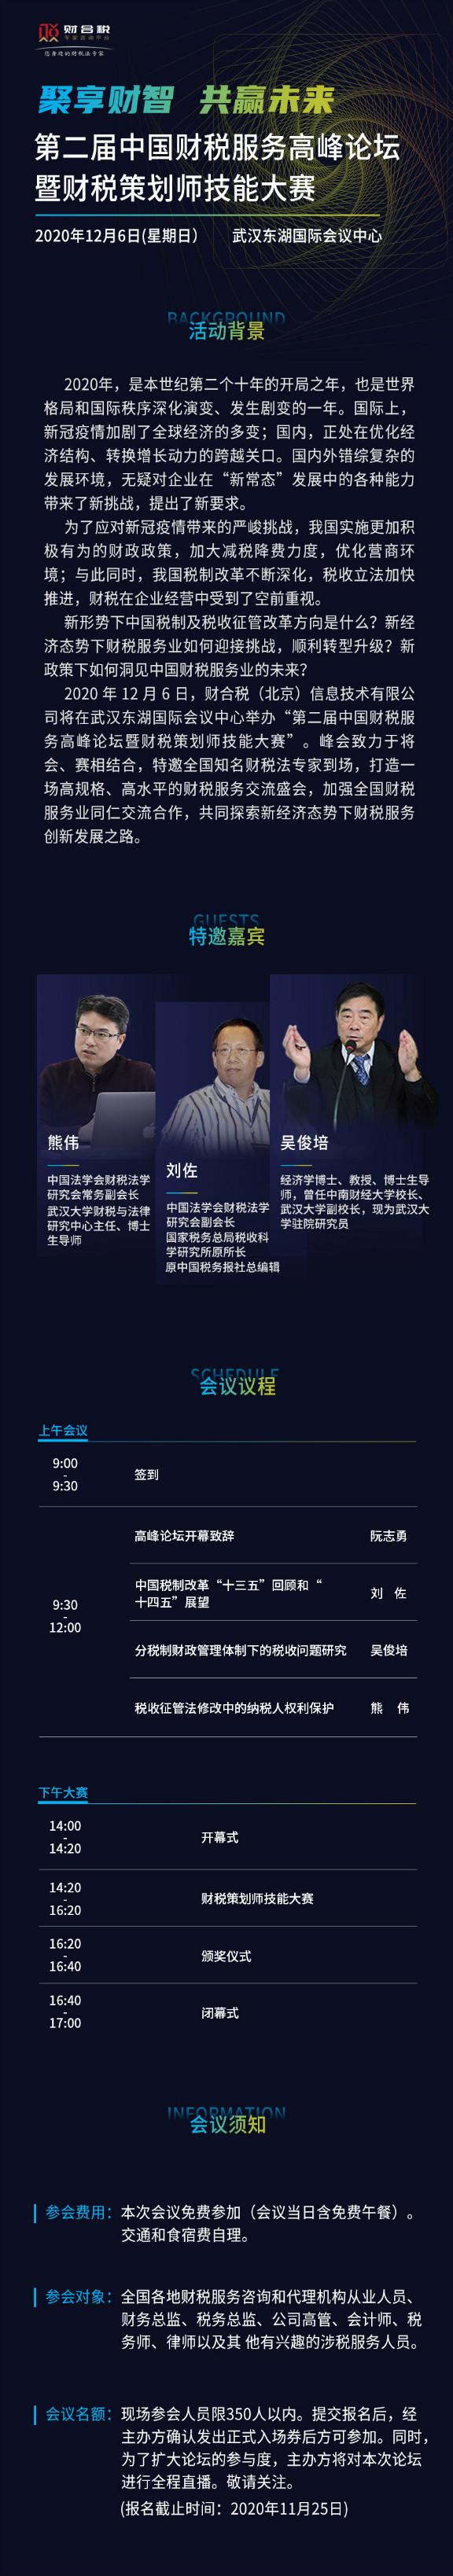 第二届中国财税服务高峰论坛 | 财税服务业如何突破难点、创新发展?